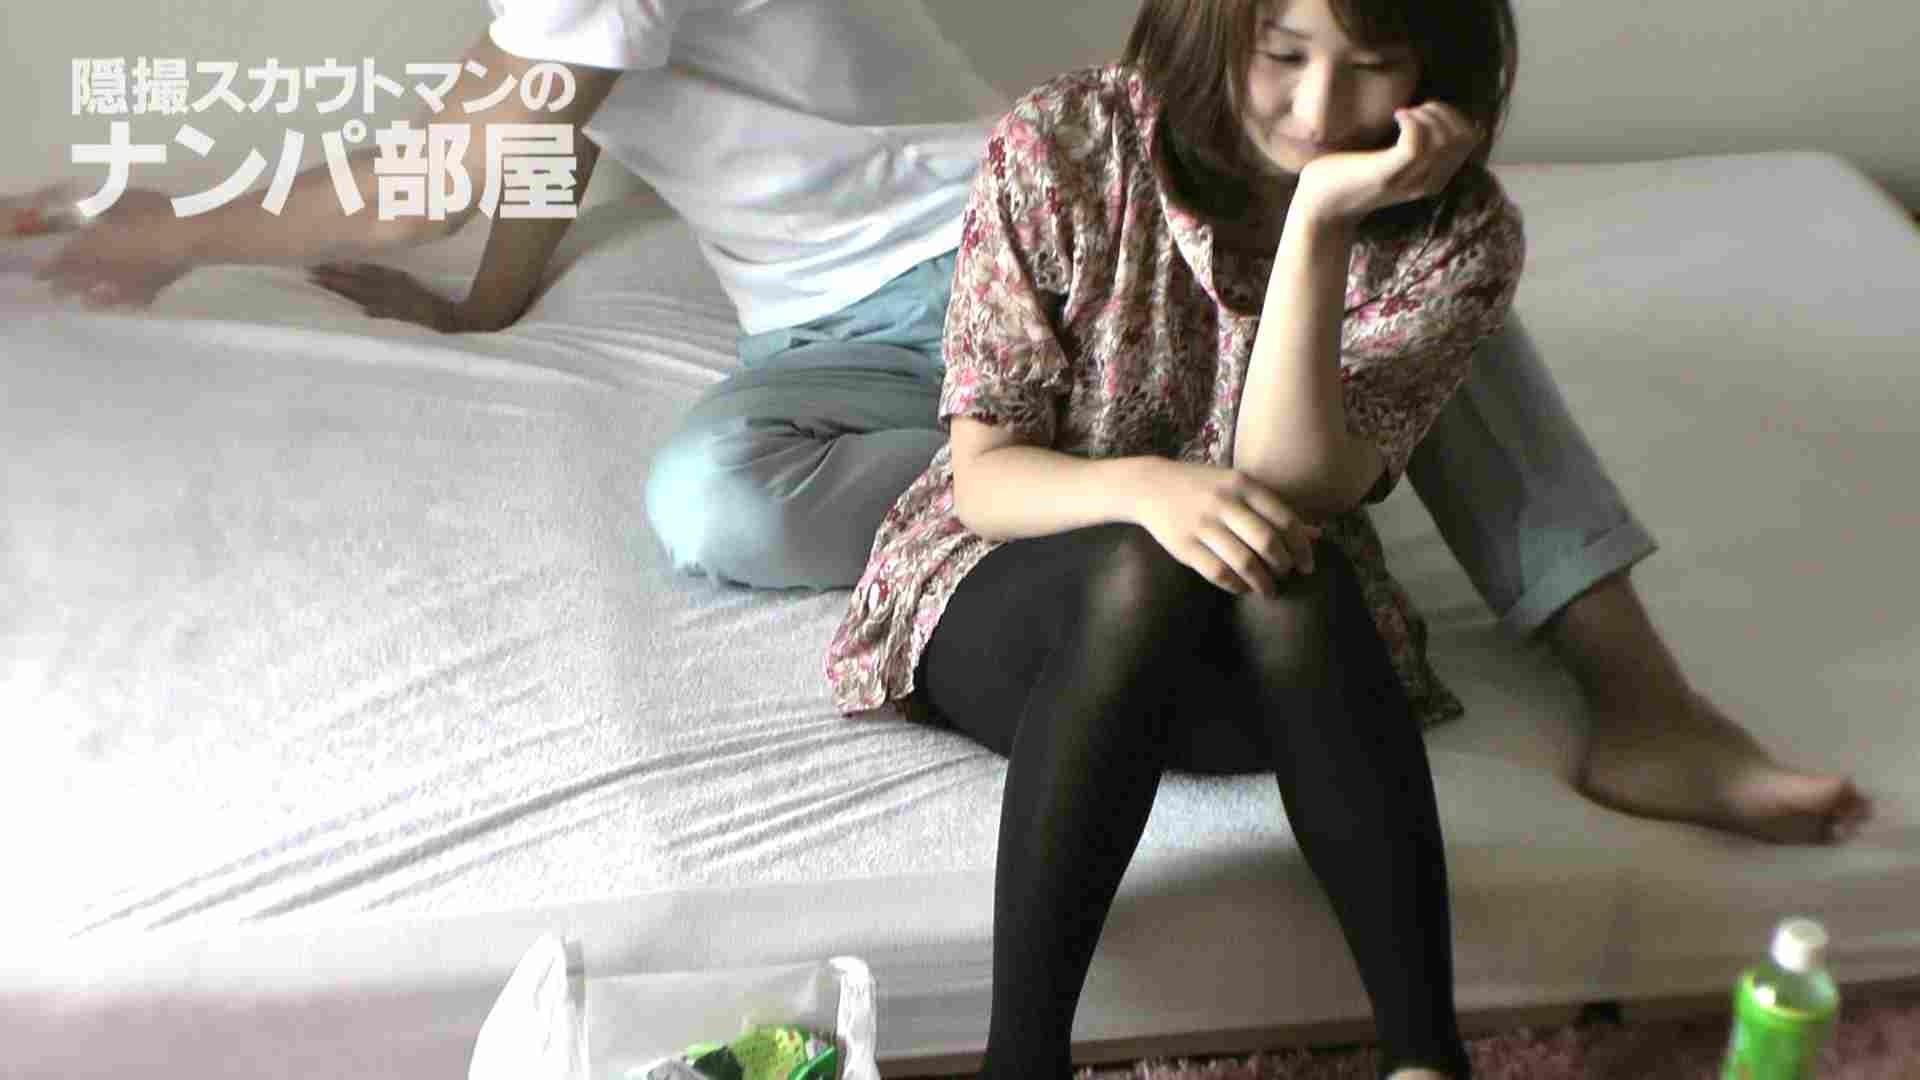 隠撮スカウトマンのナンパ部屋~風俗デビュー前のつまみ食い~ sii 脱衣所 | ナンパ  100連発 16